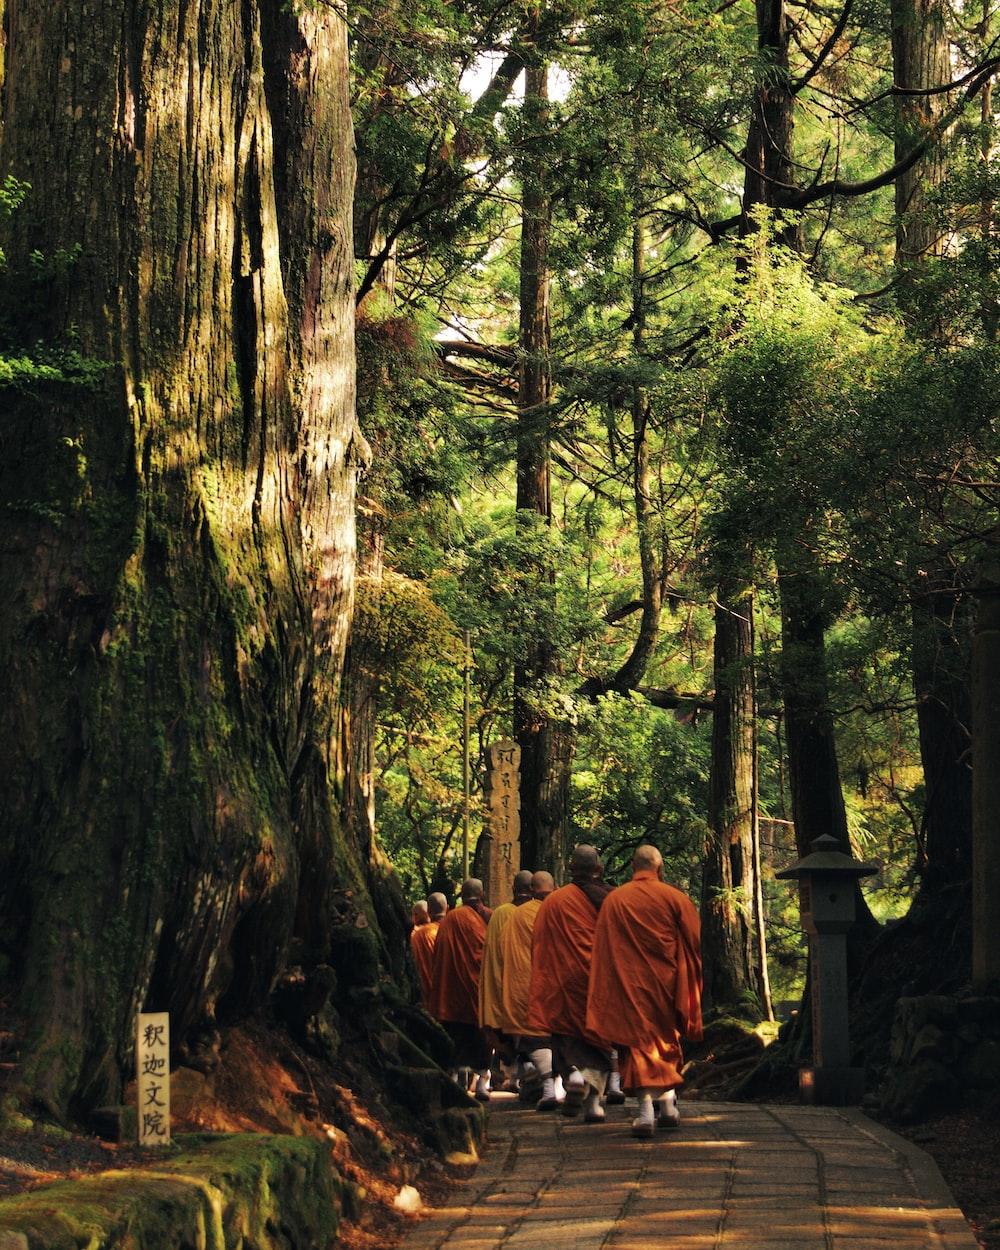 木に囲まれた経路上を歩く僧ks